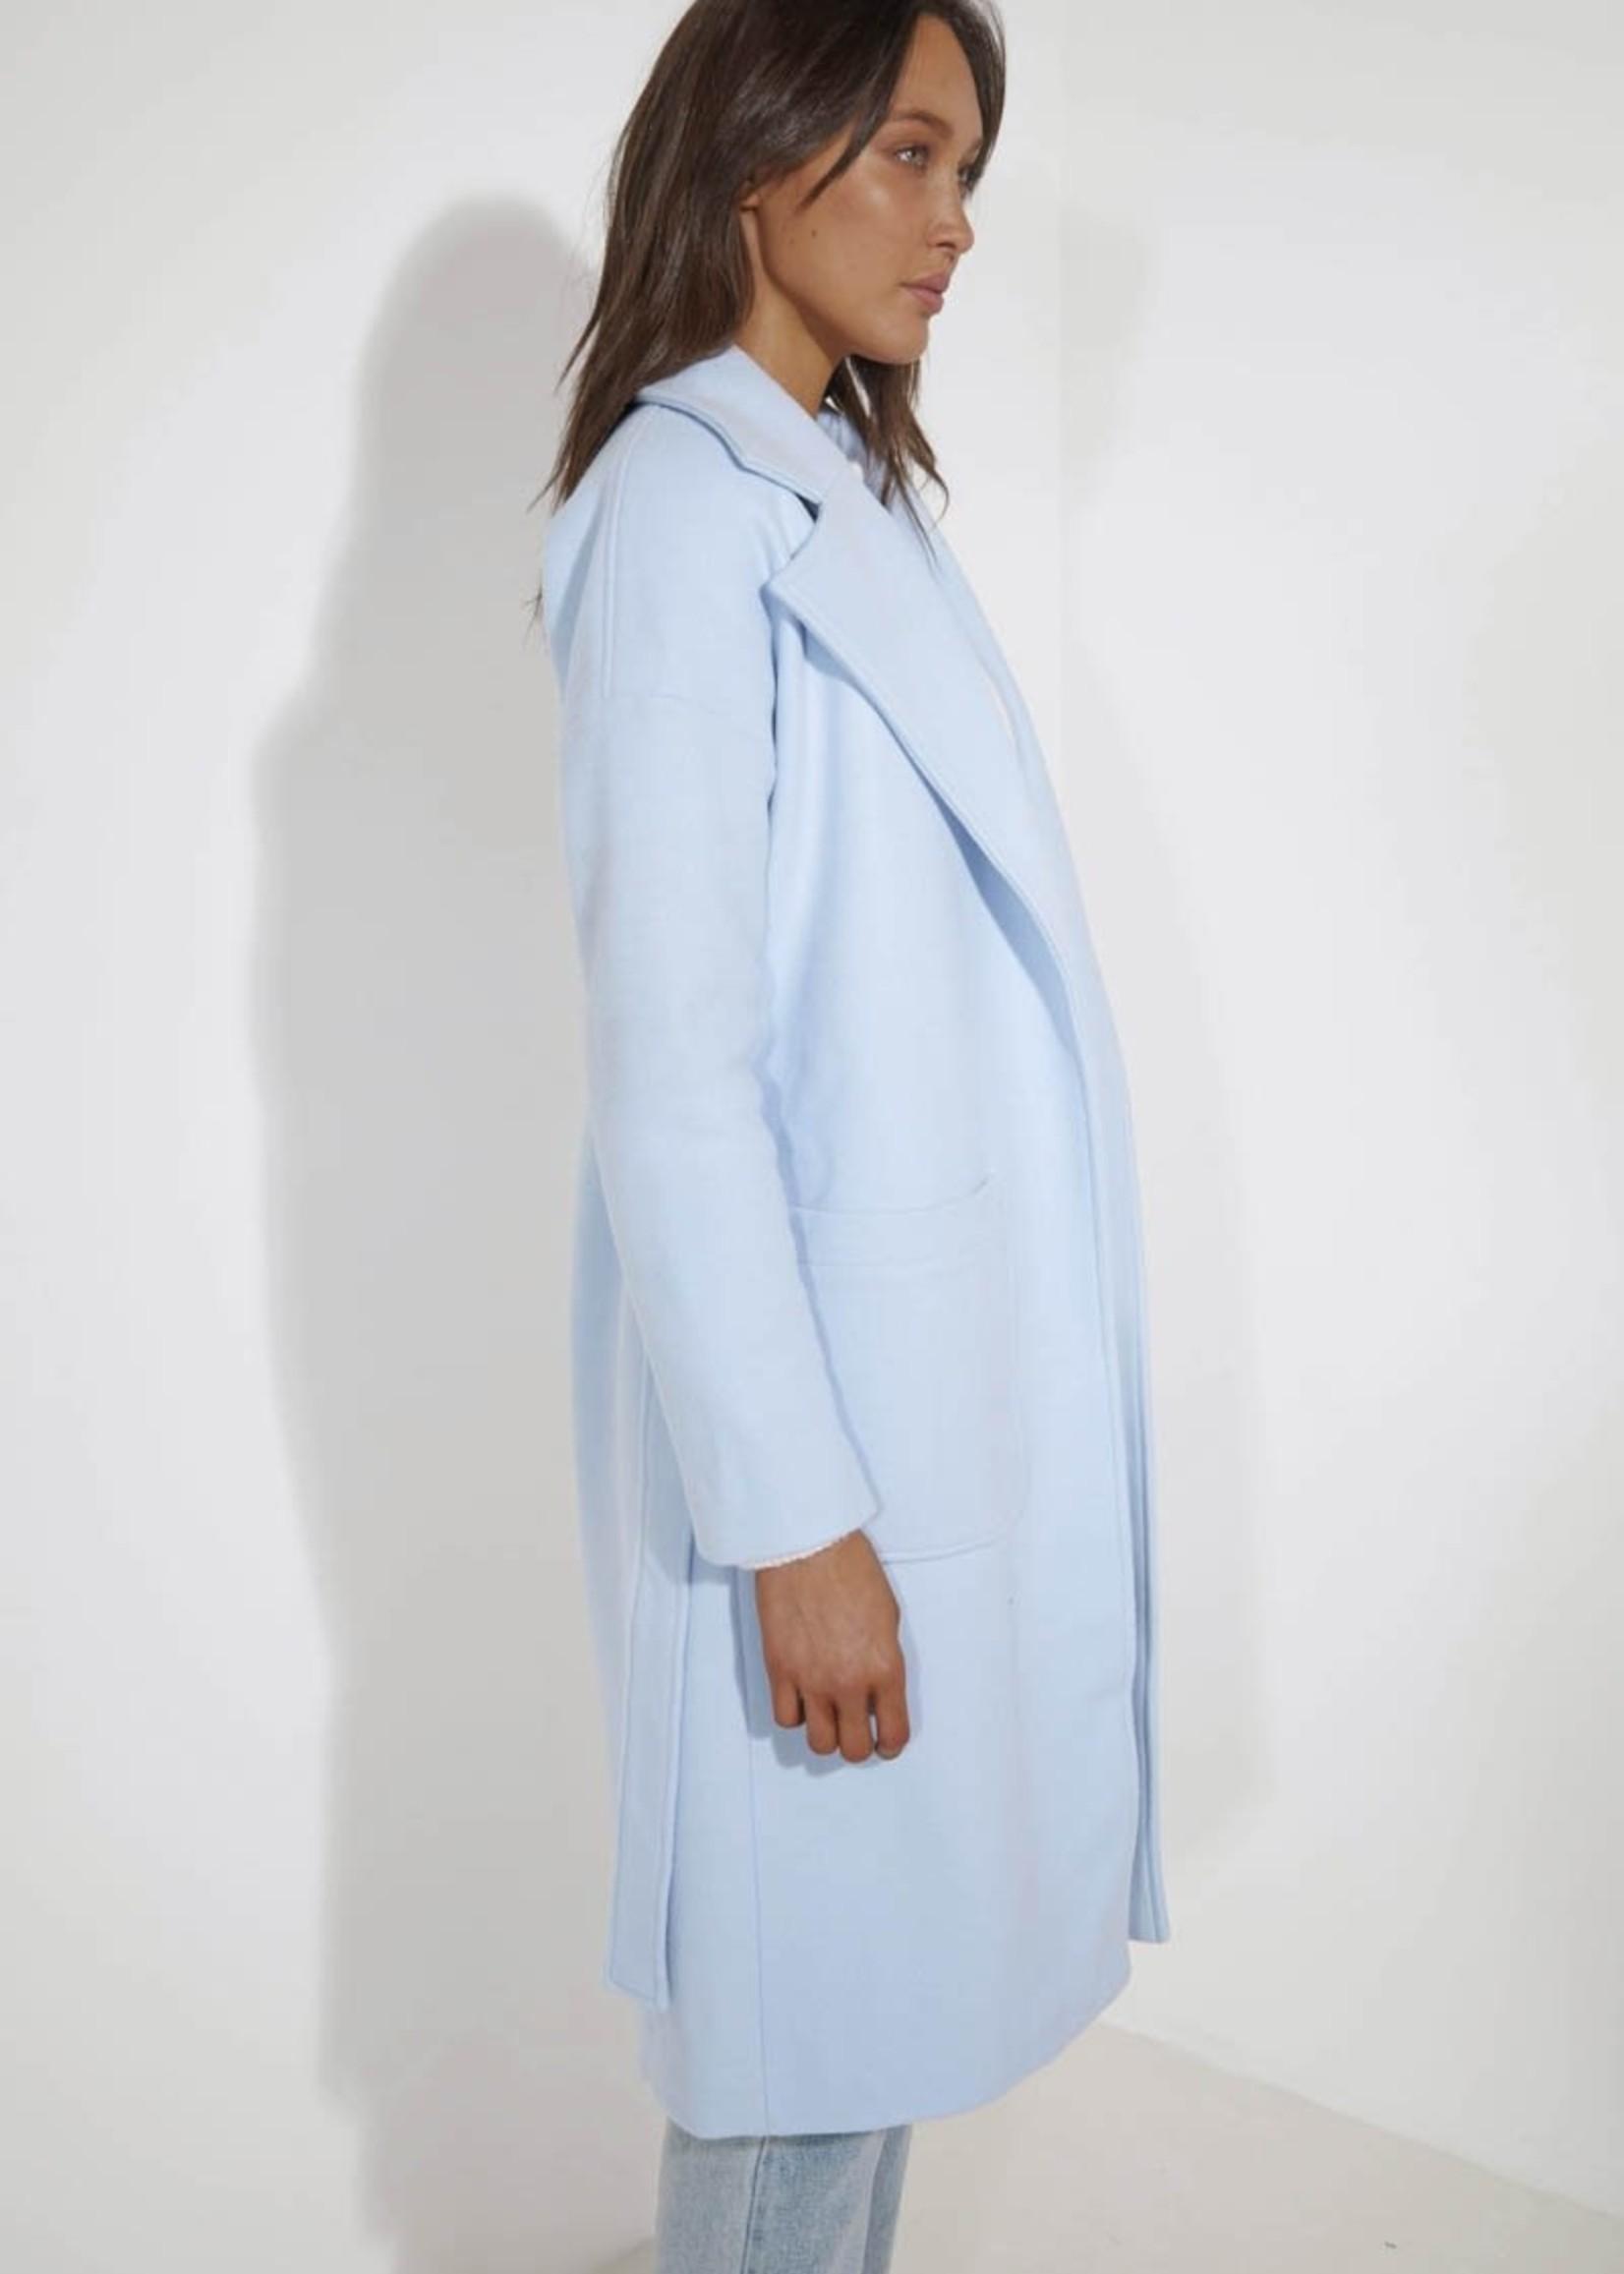 SNDYS Jackson Coat